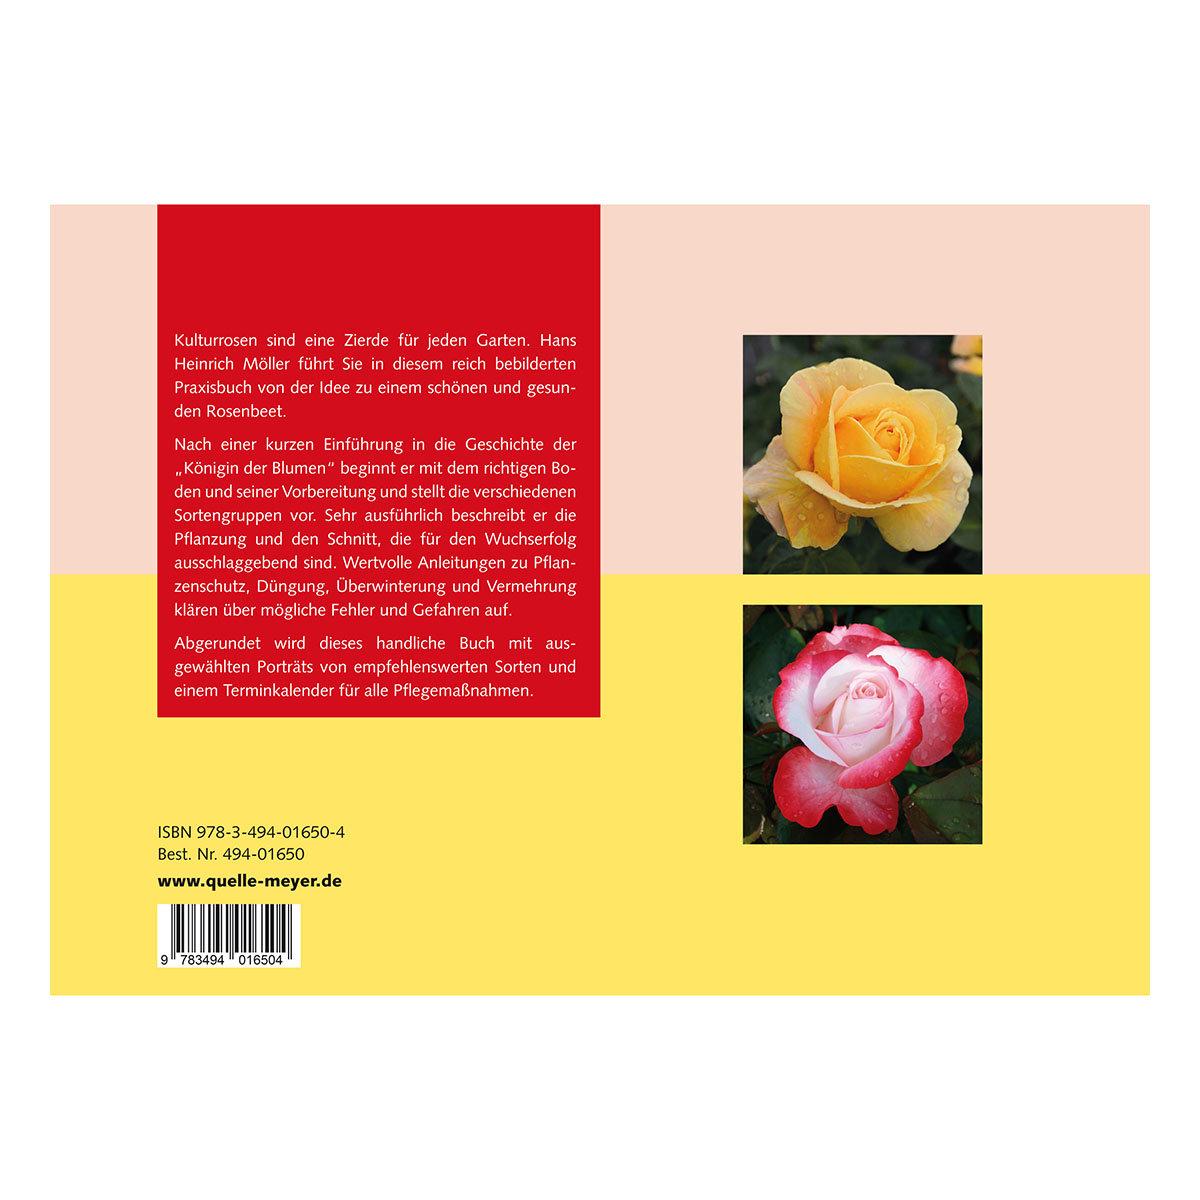 Optimale Rosenpflege in Bildern - Schritt für Schritt zu mehr Erfolg | #2